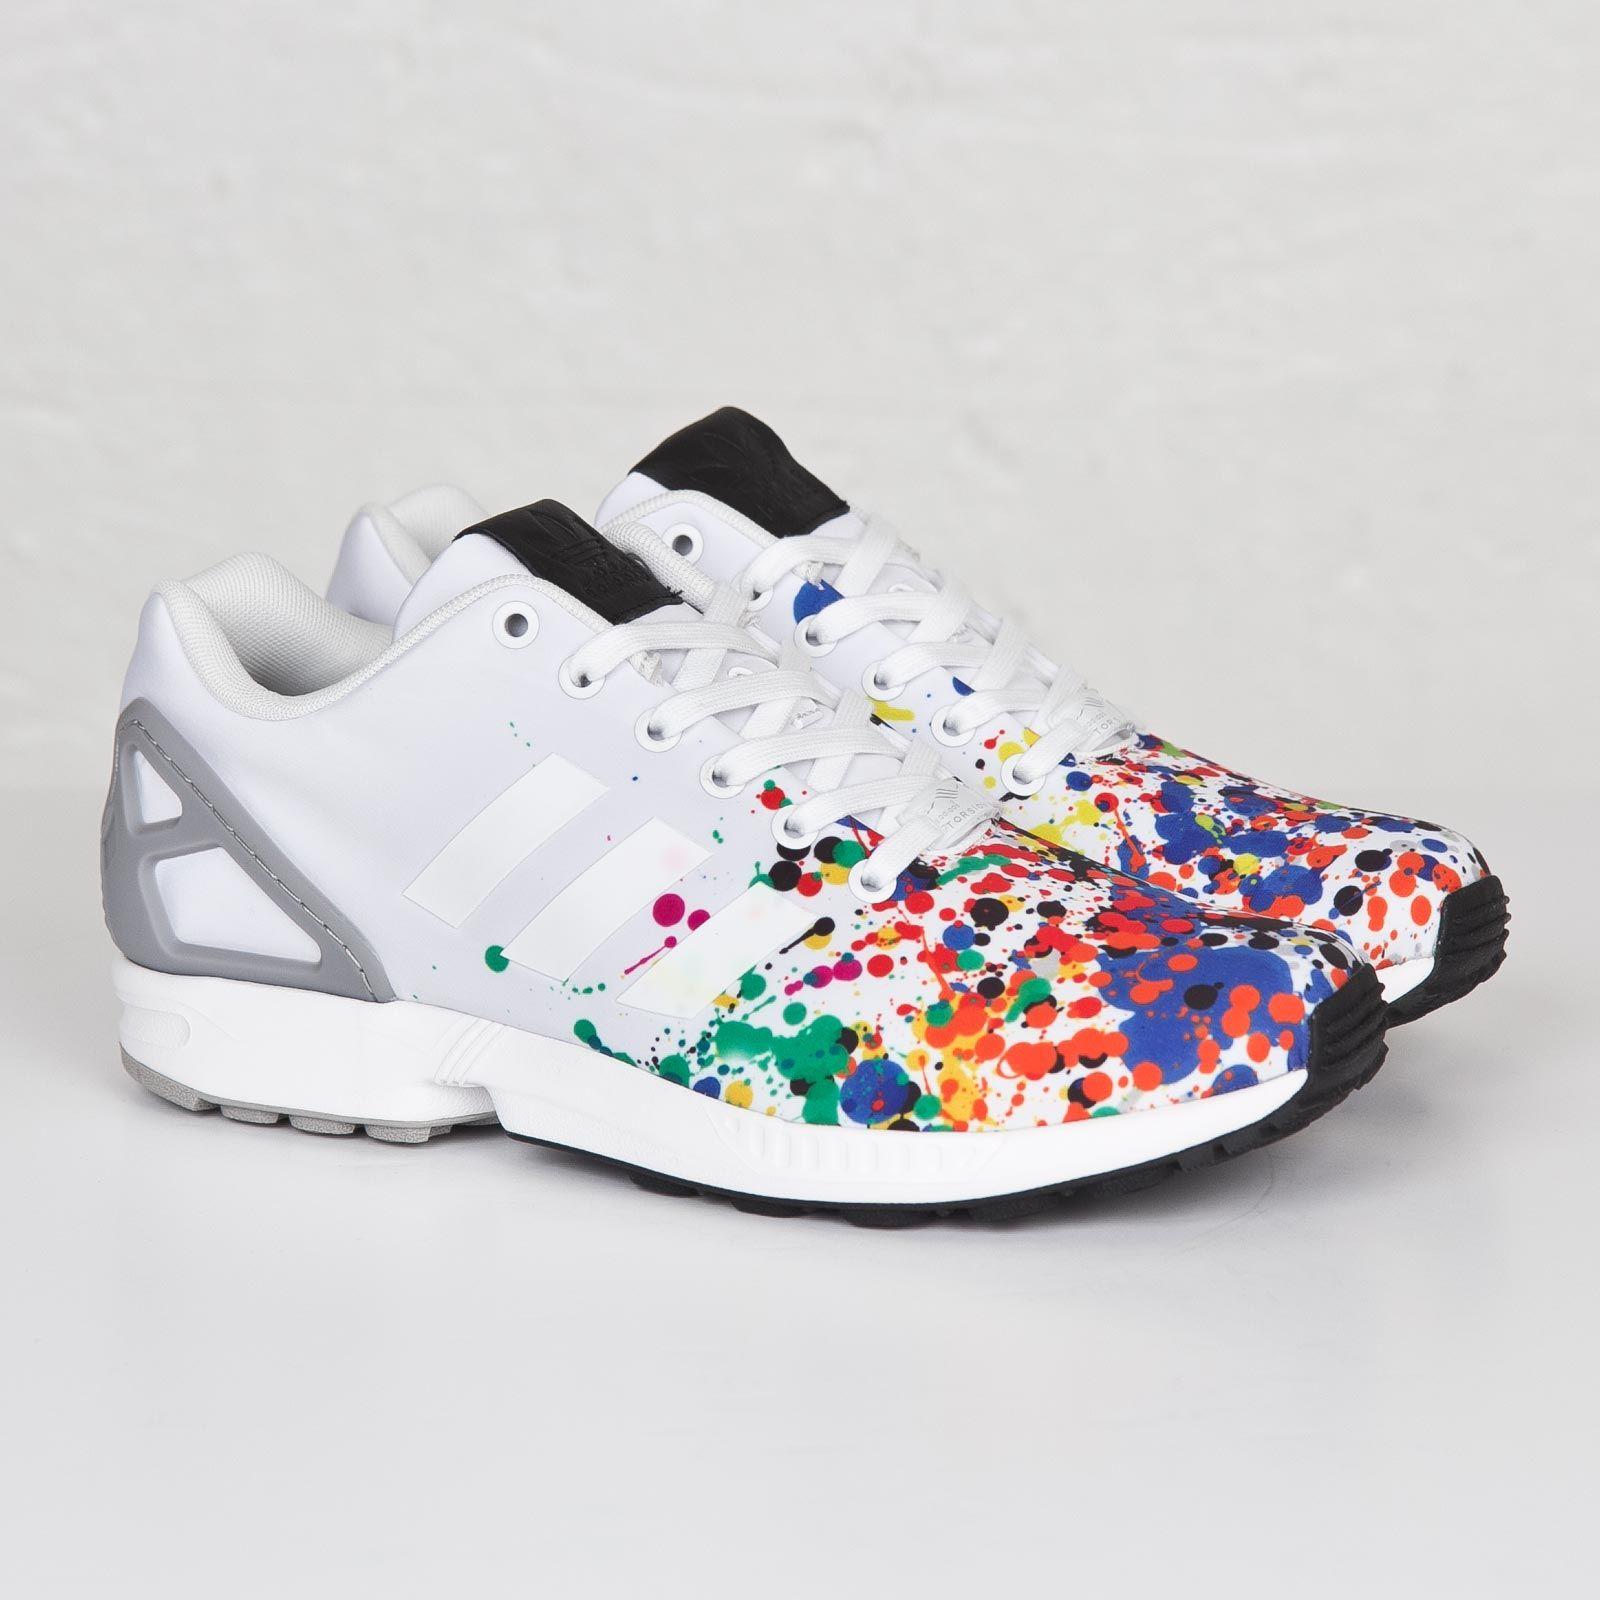 adidas zx flux rose splash